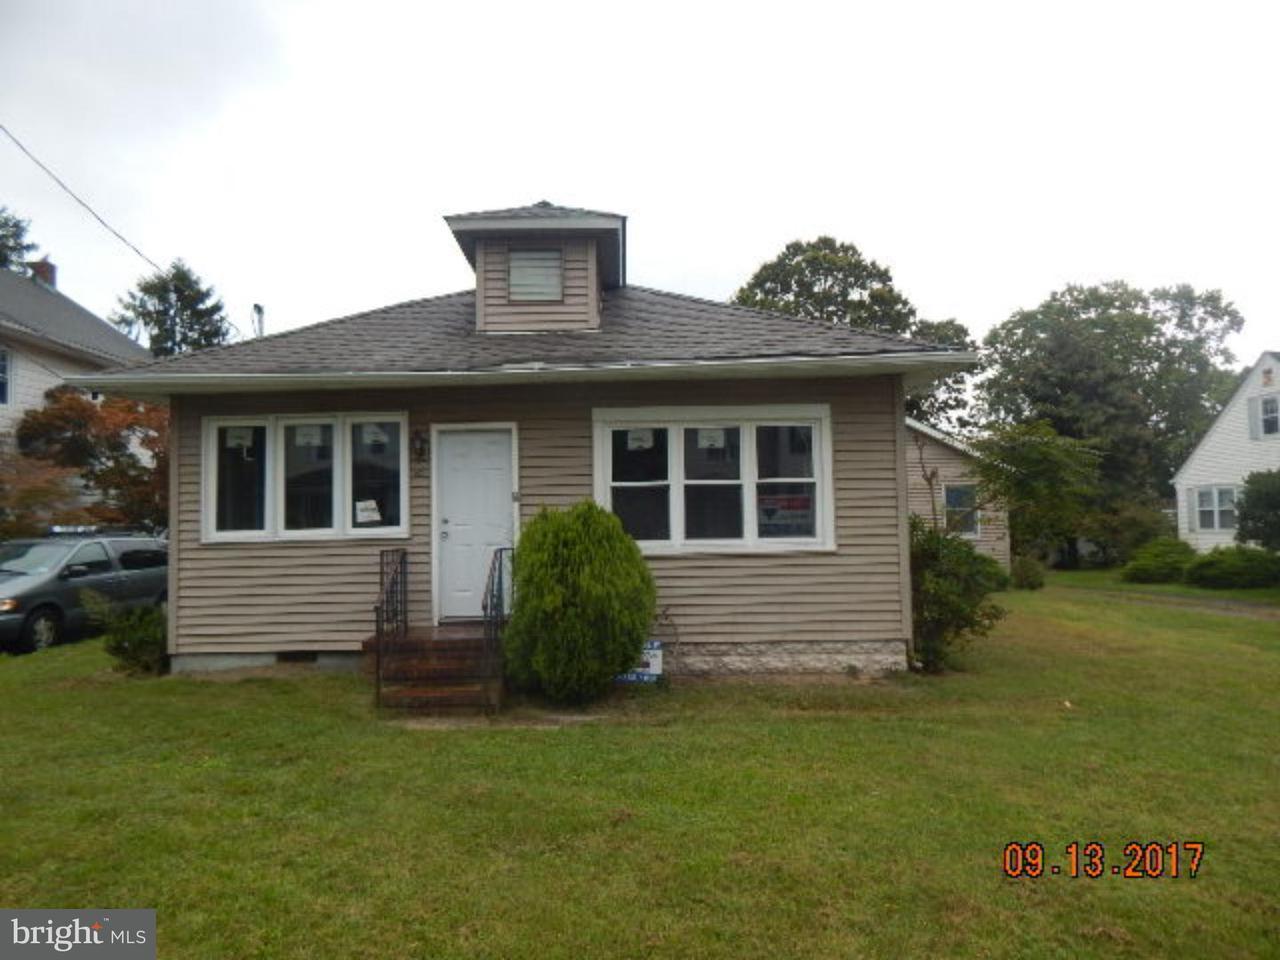 Частный односемейный дом для того Продажа на 527 N 3RD Street Lacey Township, Нью-Джерси 08037 Соединенные Штаты